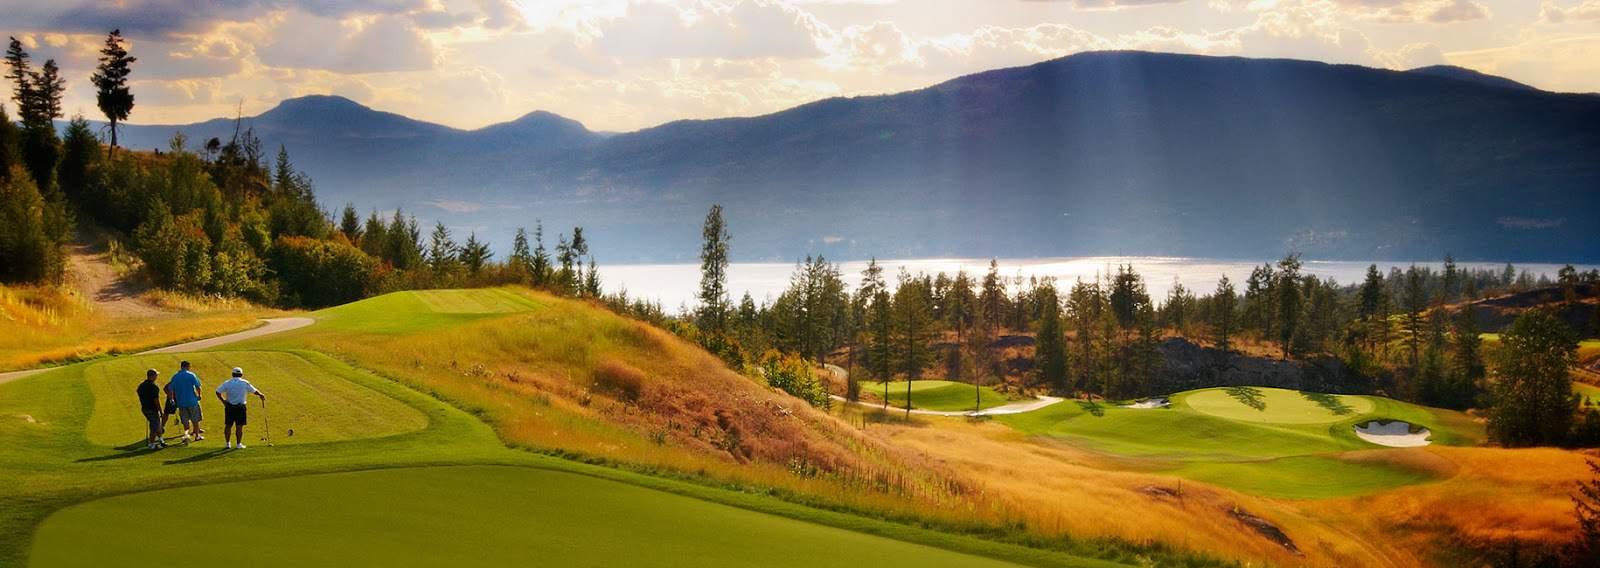 Predator Ridge Golf Resort - Photo Cred: Predator Ridge